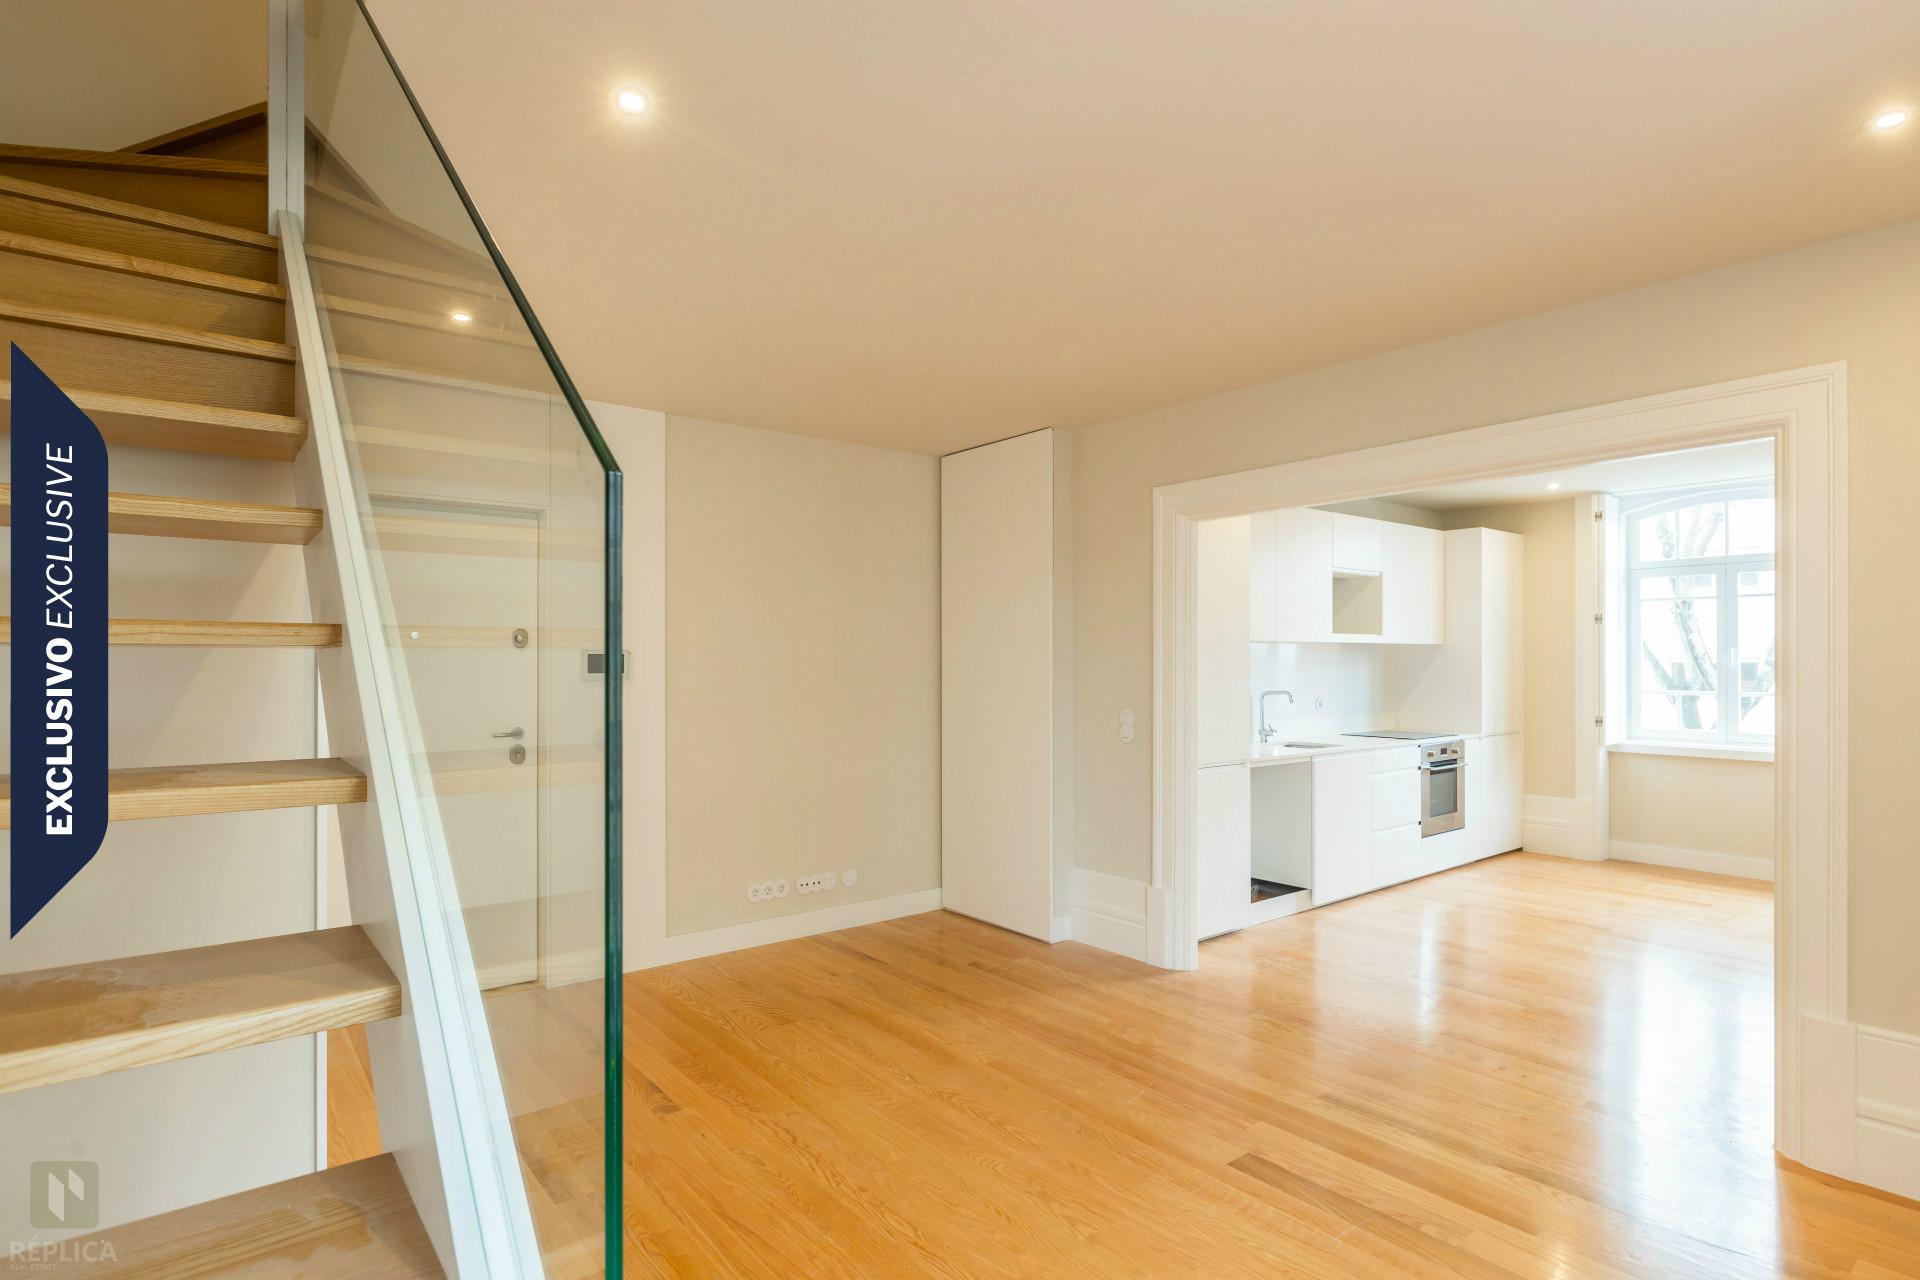 Apartamento T2 NOVO inserido em palacete recuperado, com vistas de mar